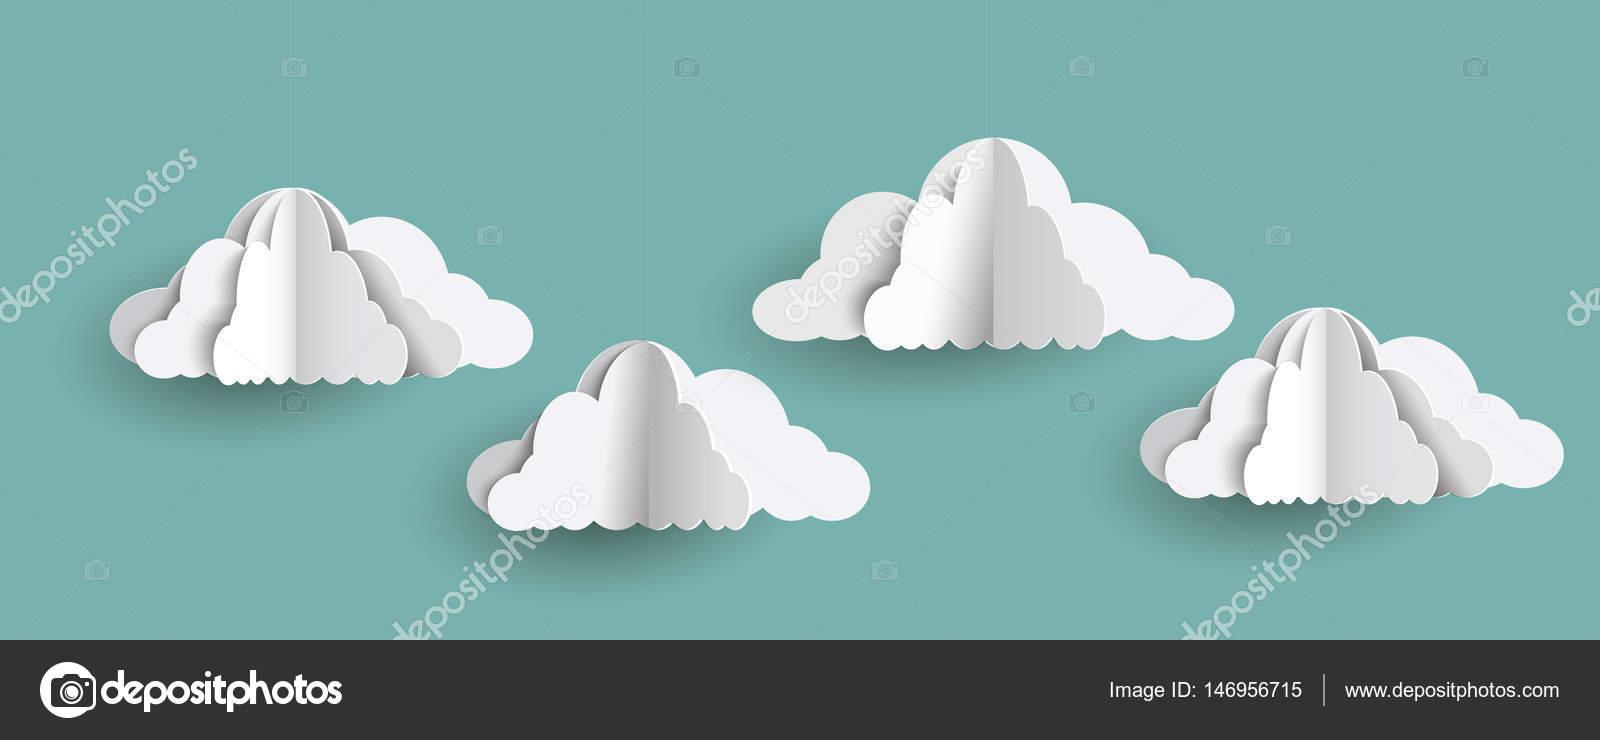 origami clouds in paper